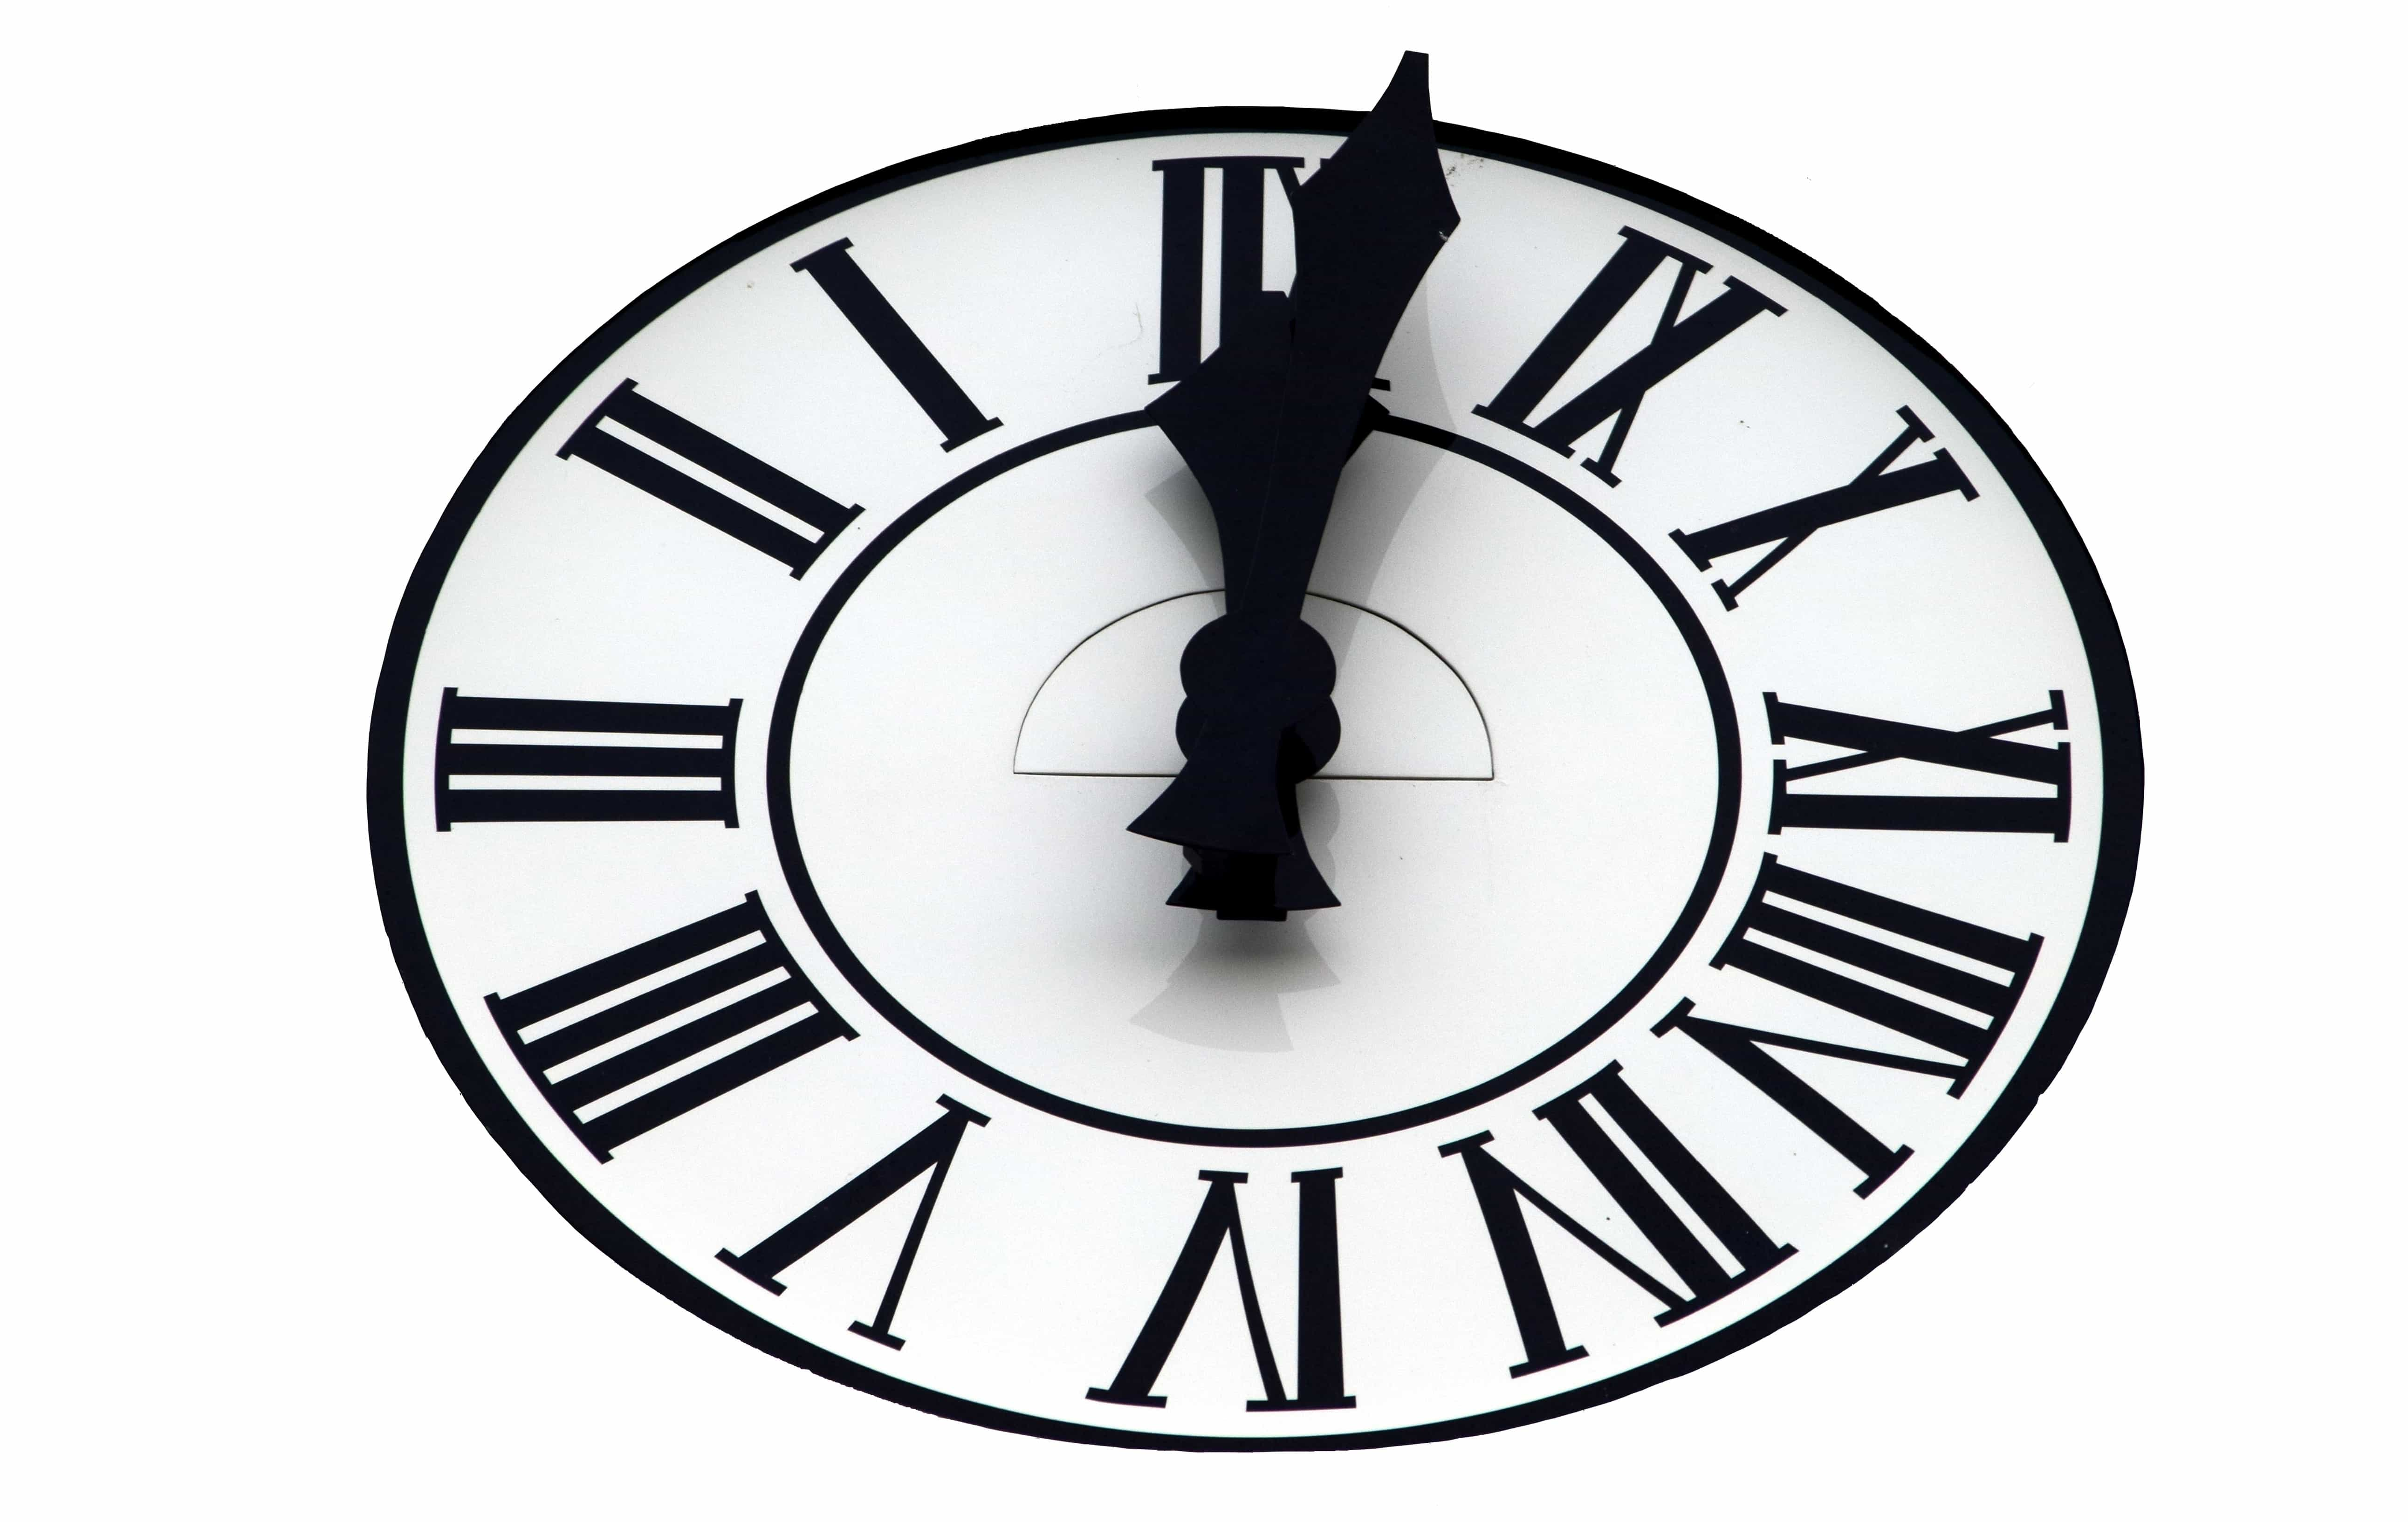 Imagen gratis minutos reloj Ilustracin tiempo reloj